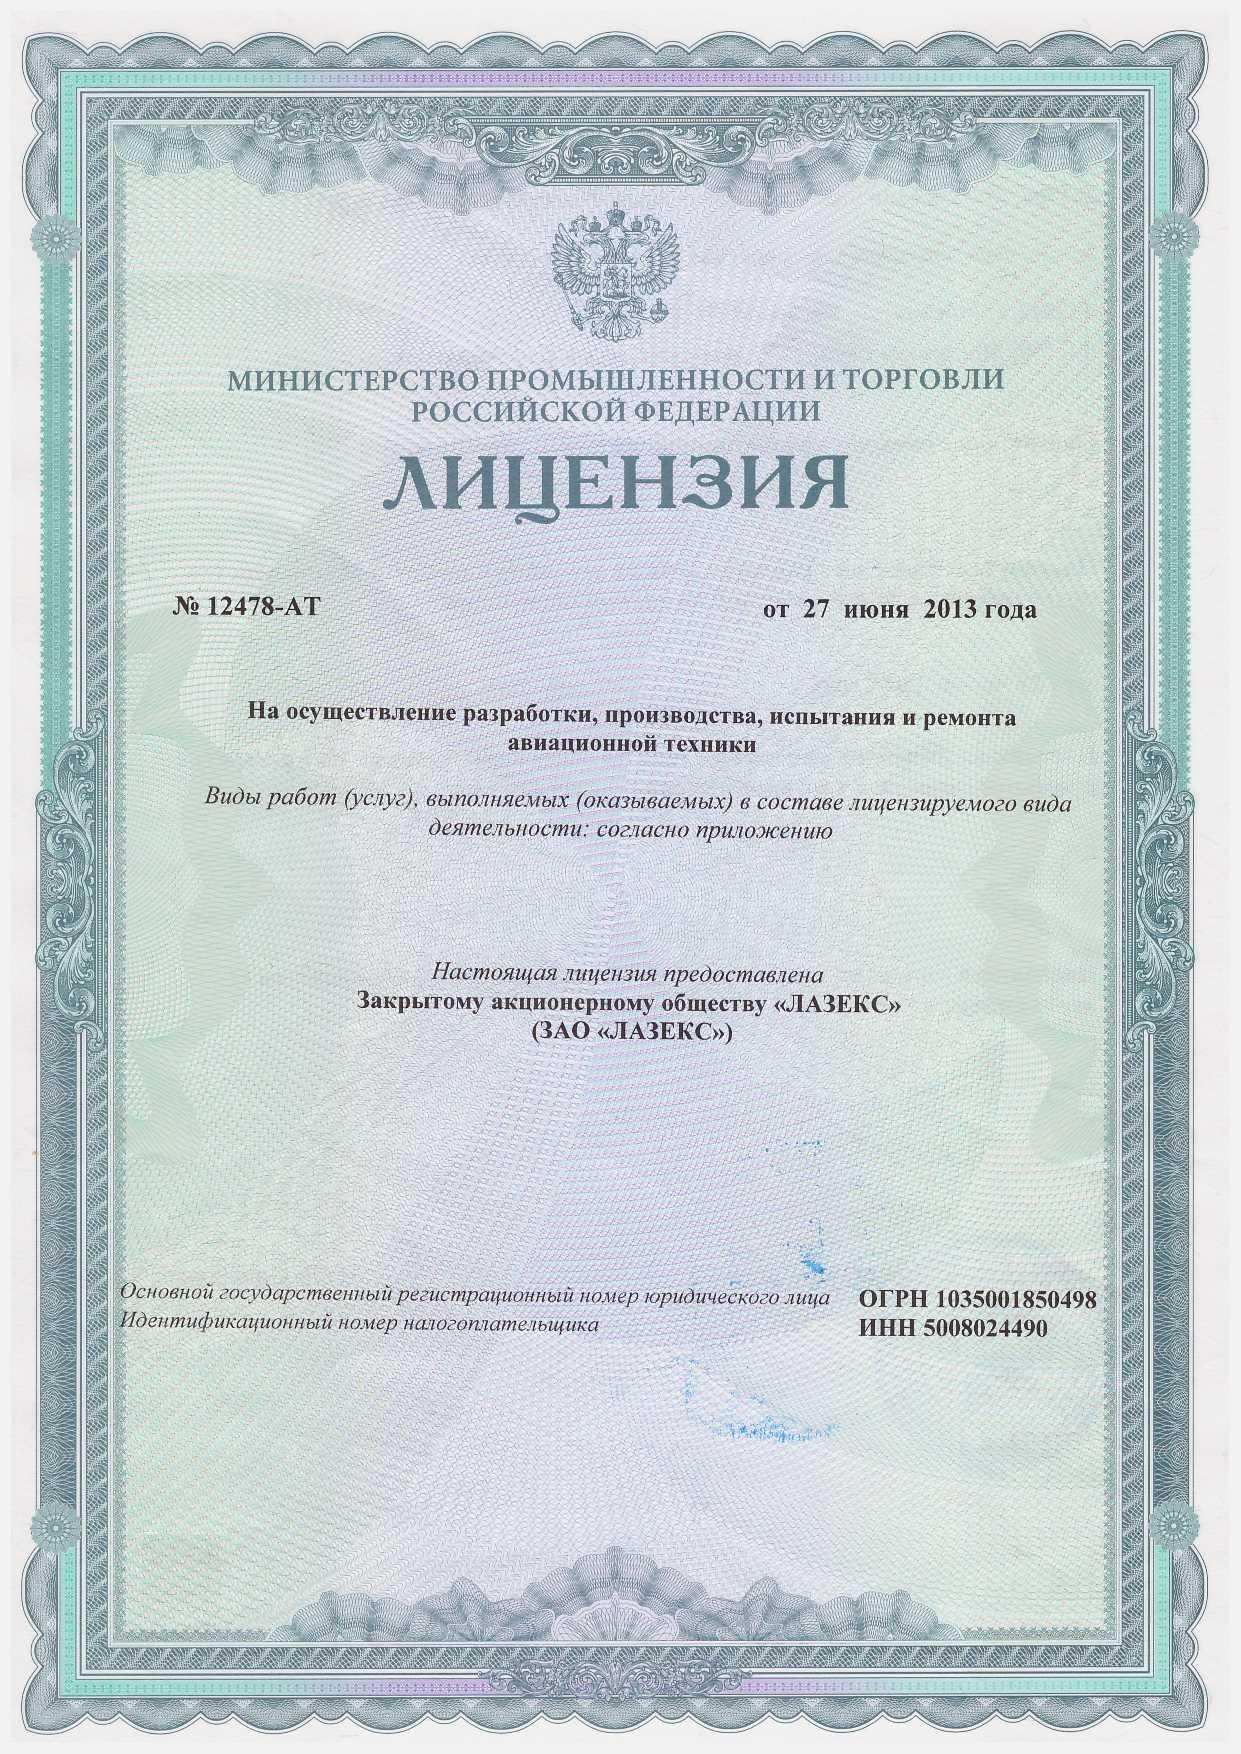 Гражданпроект, ООО - проектная организация, Сургут: адрес